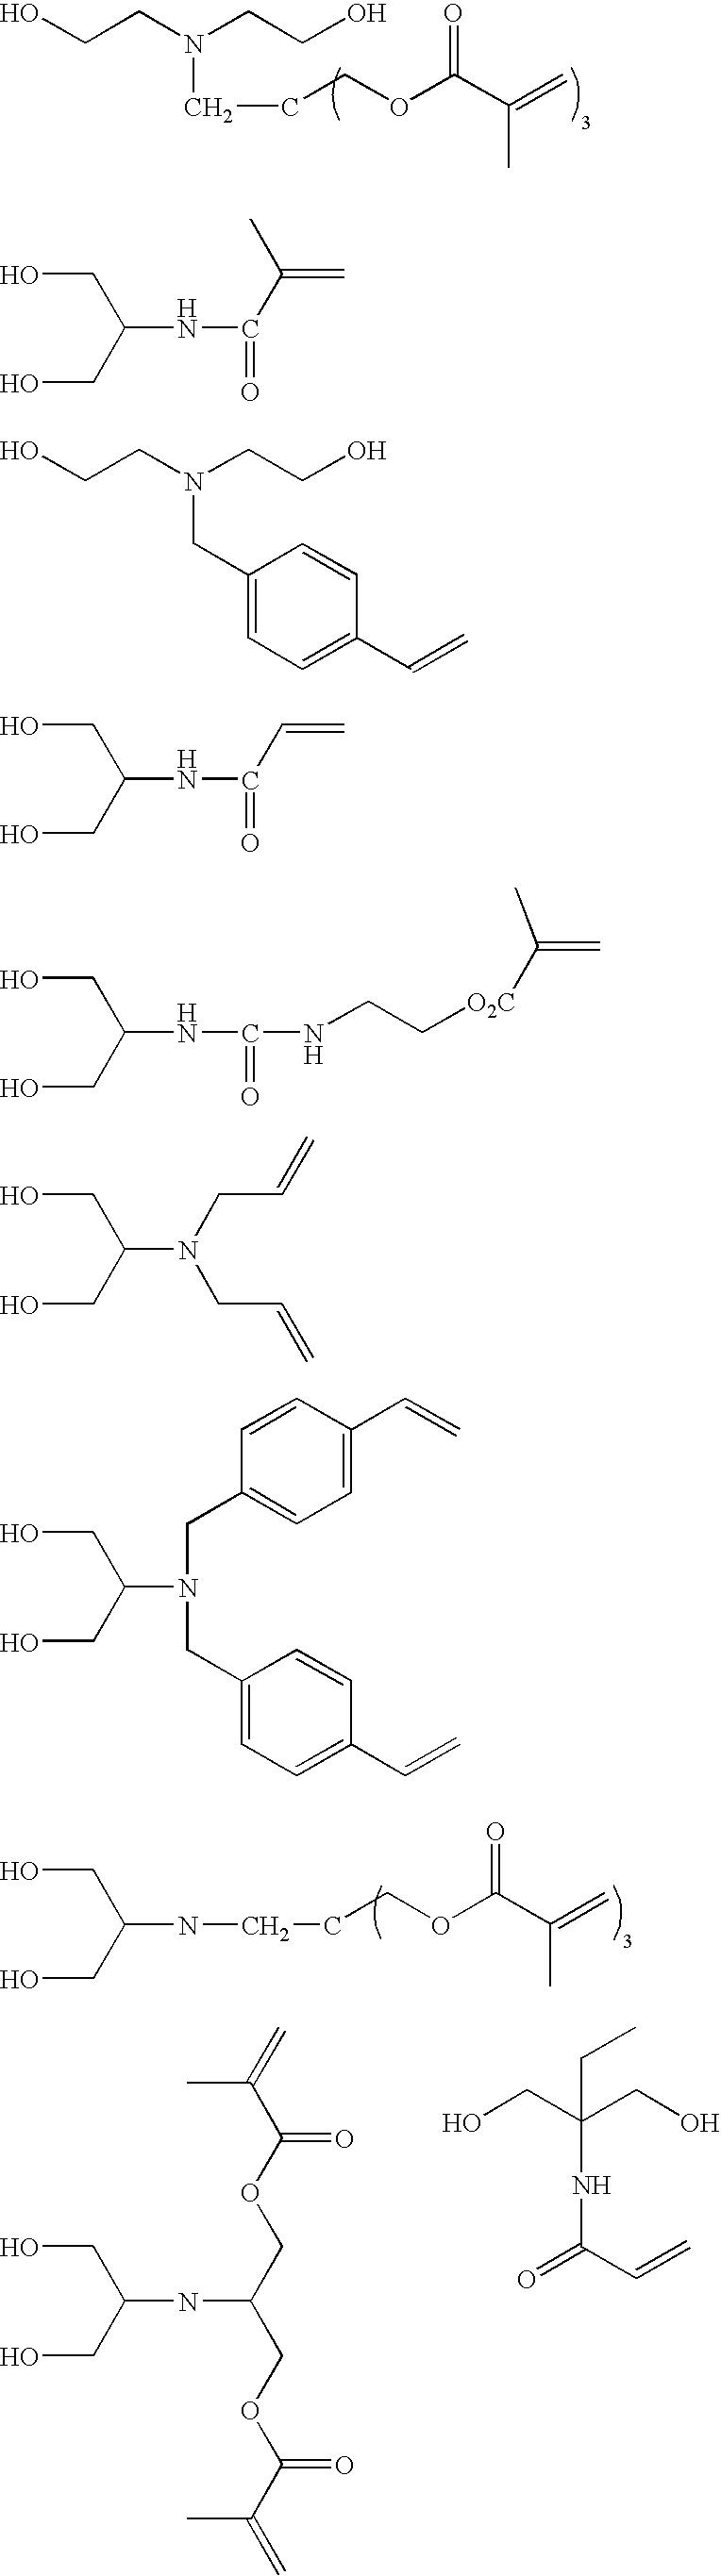 Figure US20090246653A1-20091001-C00020